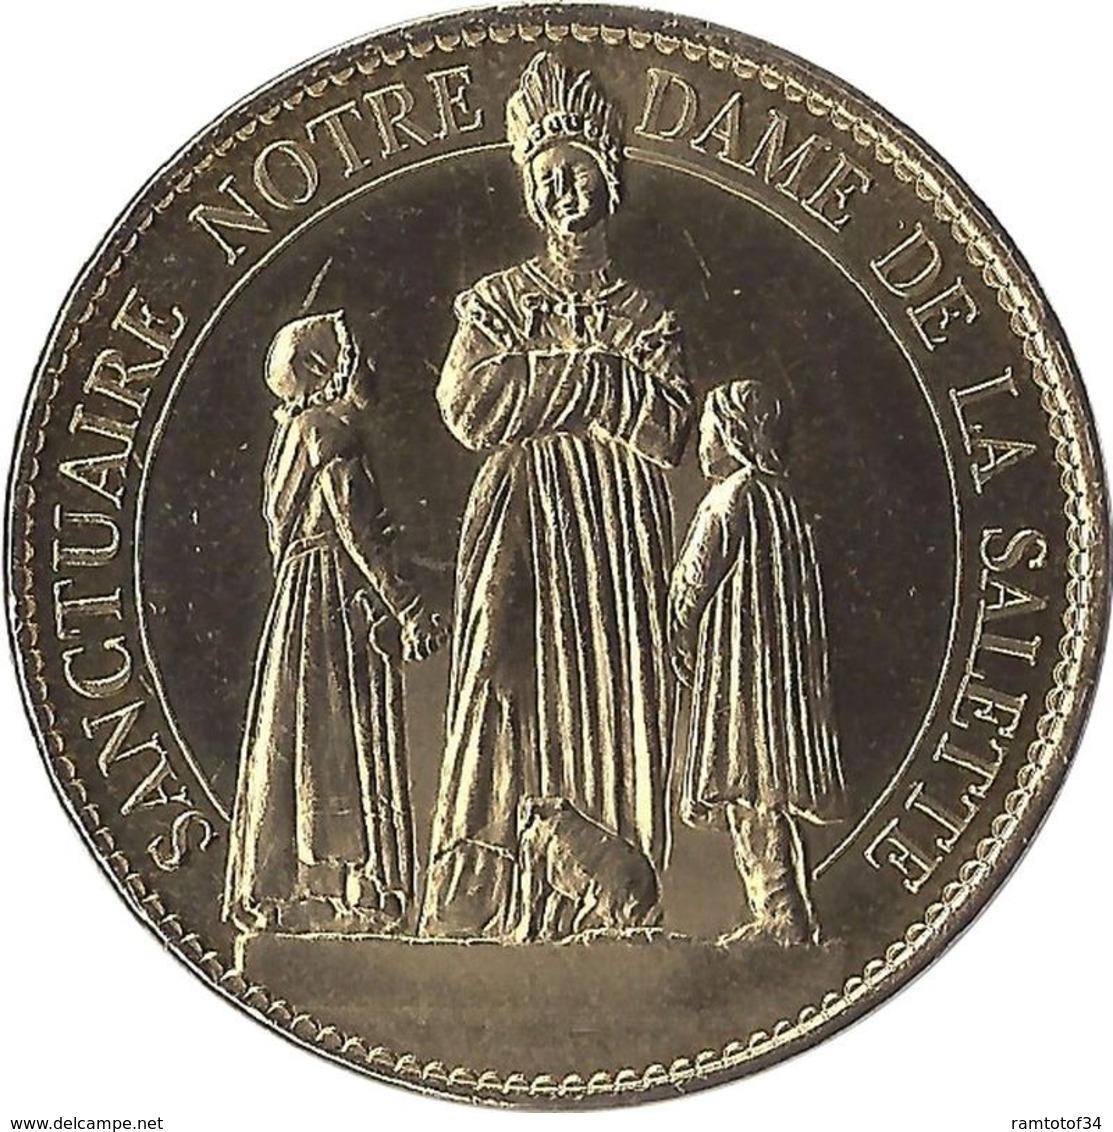 2015 AB149 - LA SALETTE FALLAVAUX 1 - Sanctuaire Notre Dame / ARTHUS BERTRAND - Arthus Bertrand